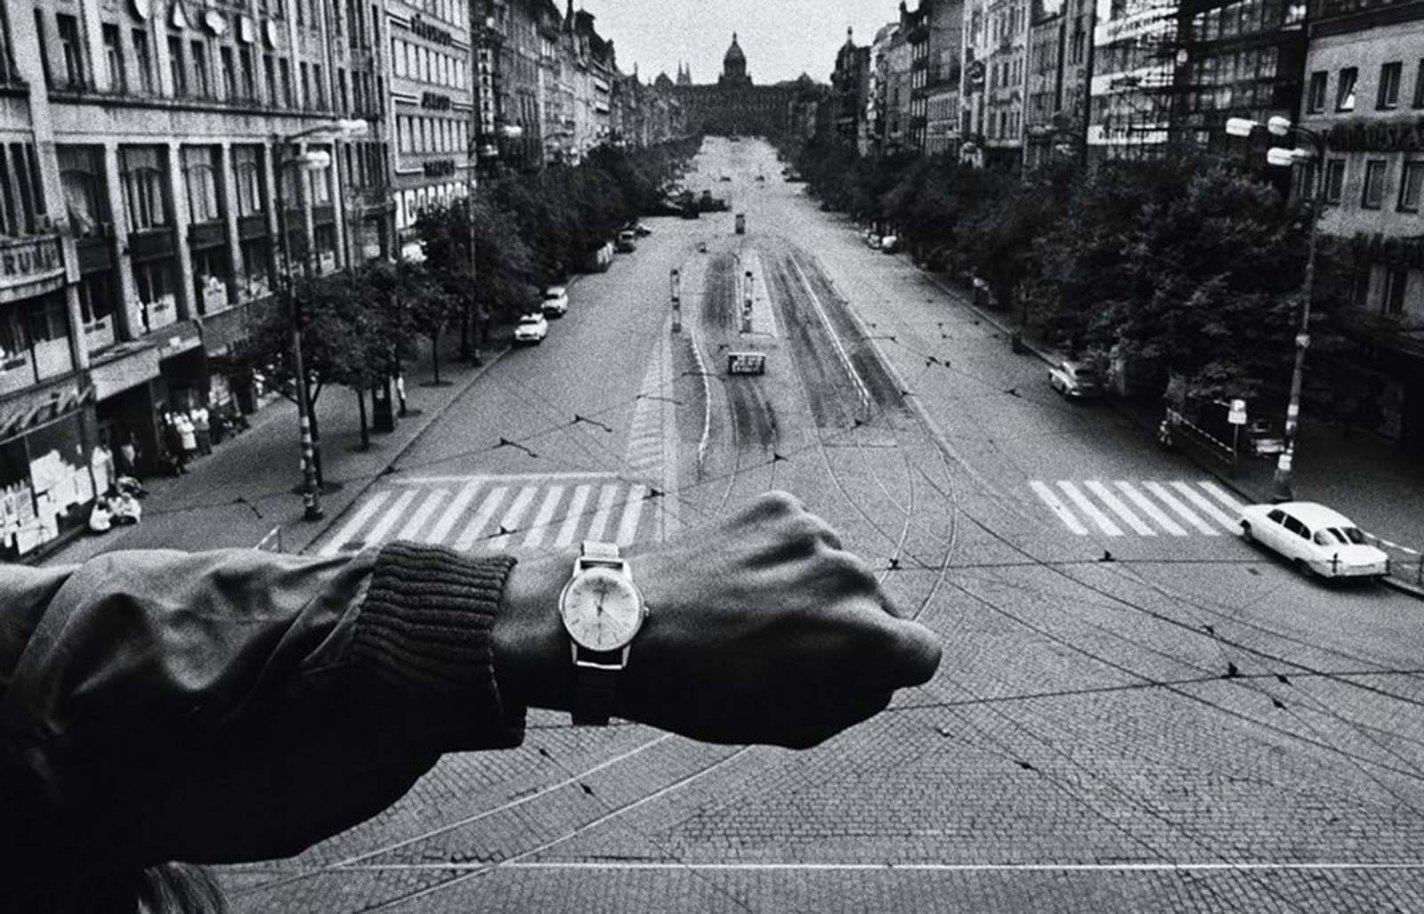 Invasion of Prague, Josef Koudelka, 1968